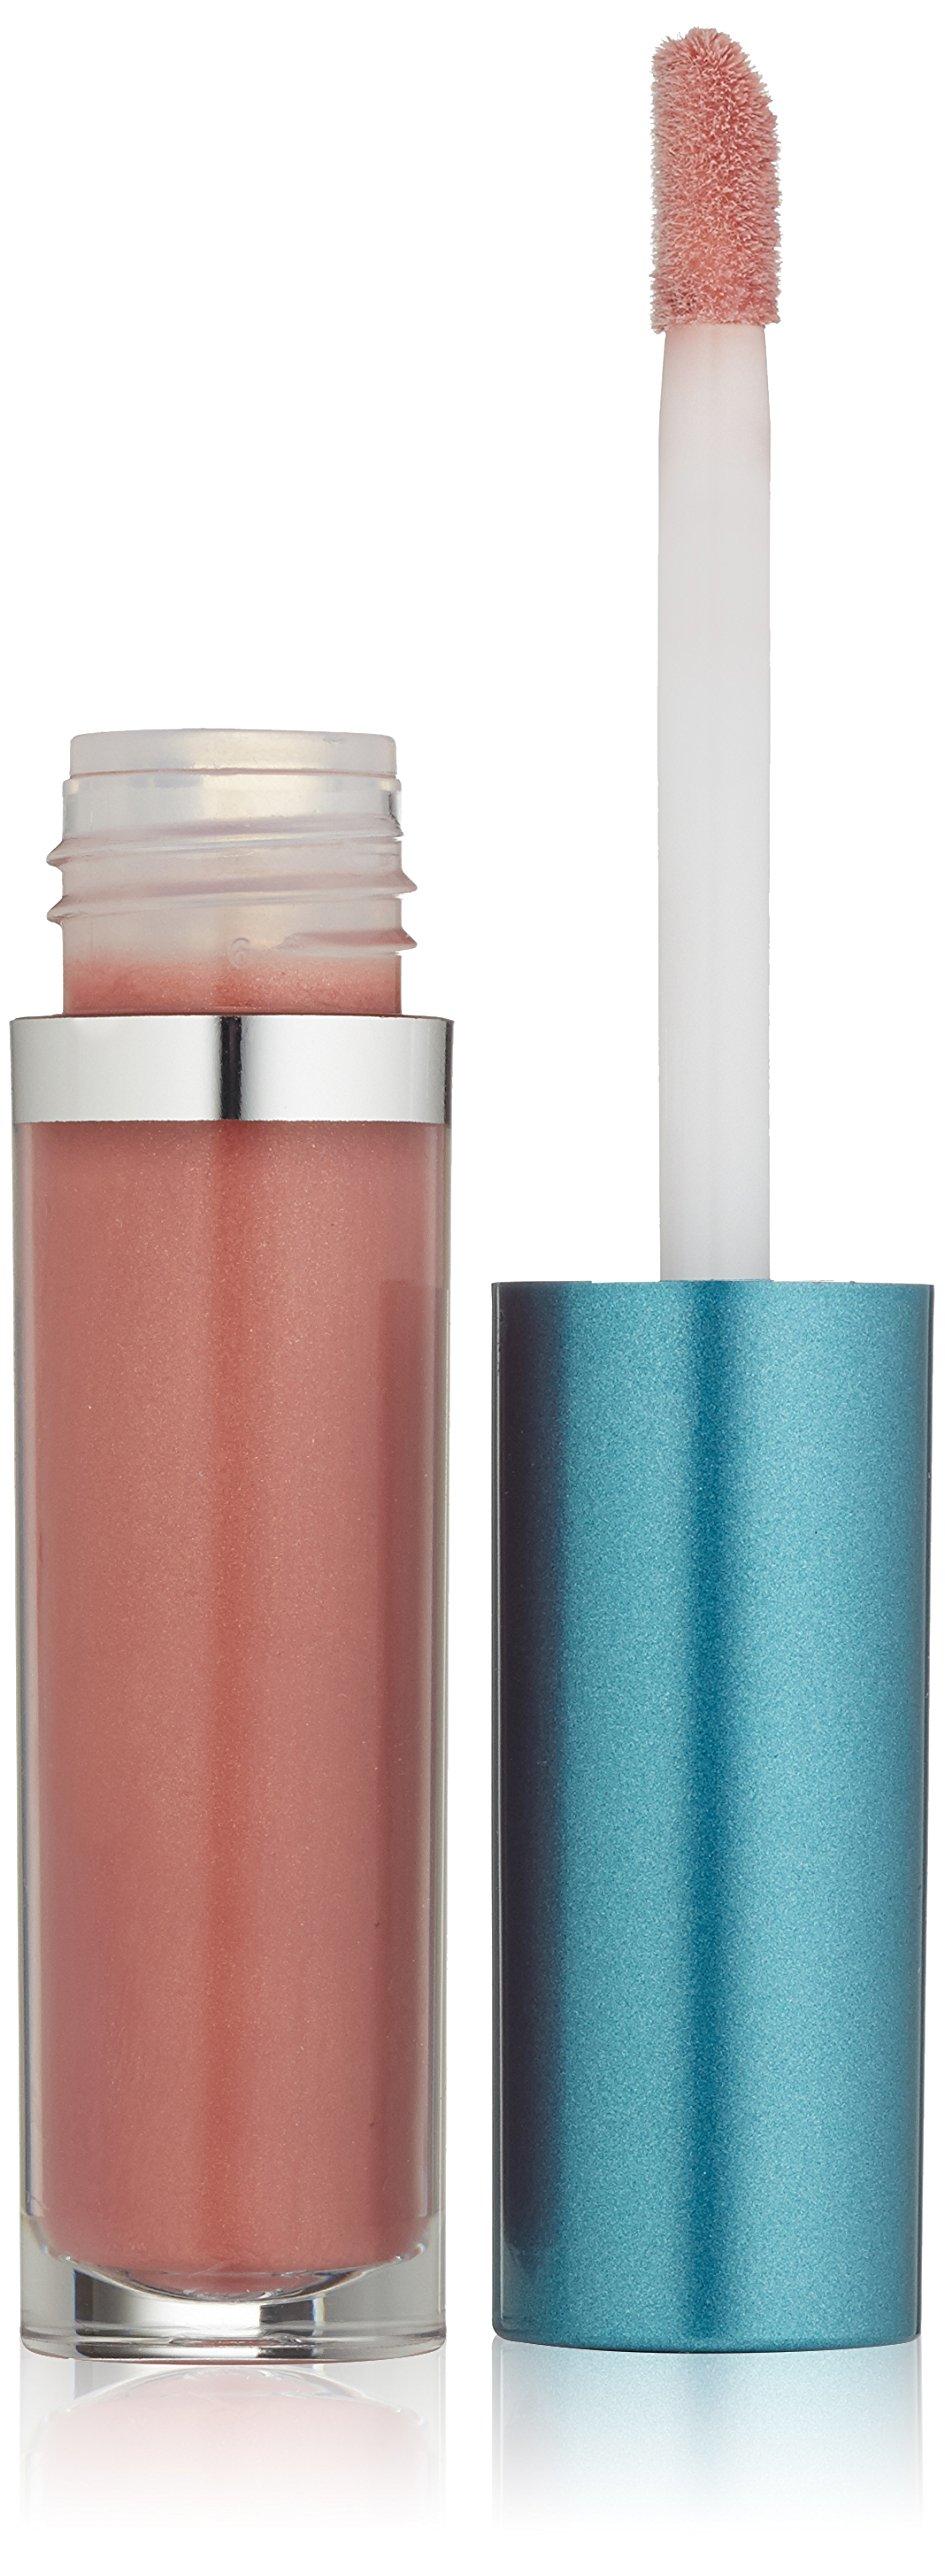 Colorescience Sunforgettable SPF 35 Lip Shine Siren